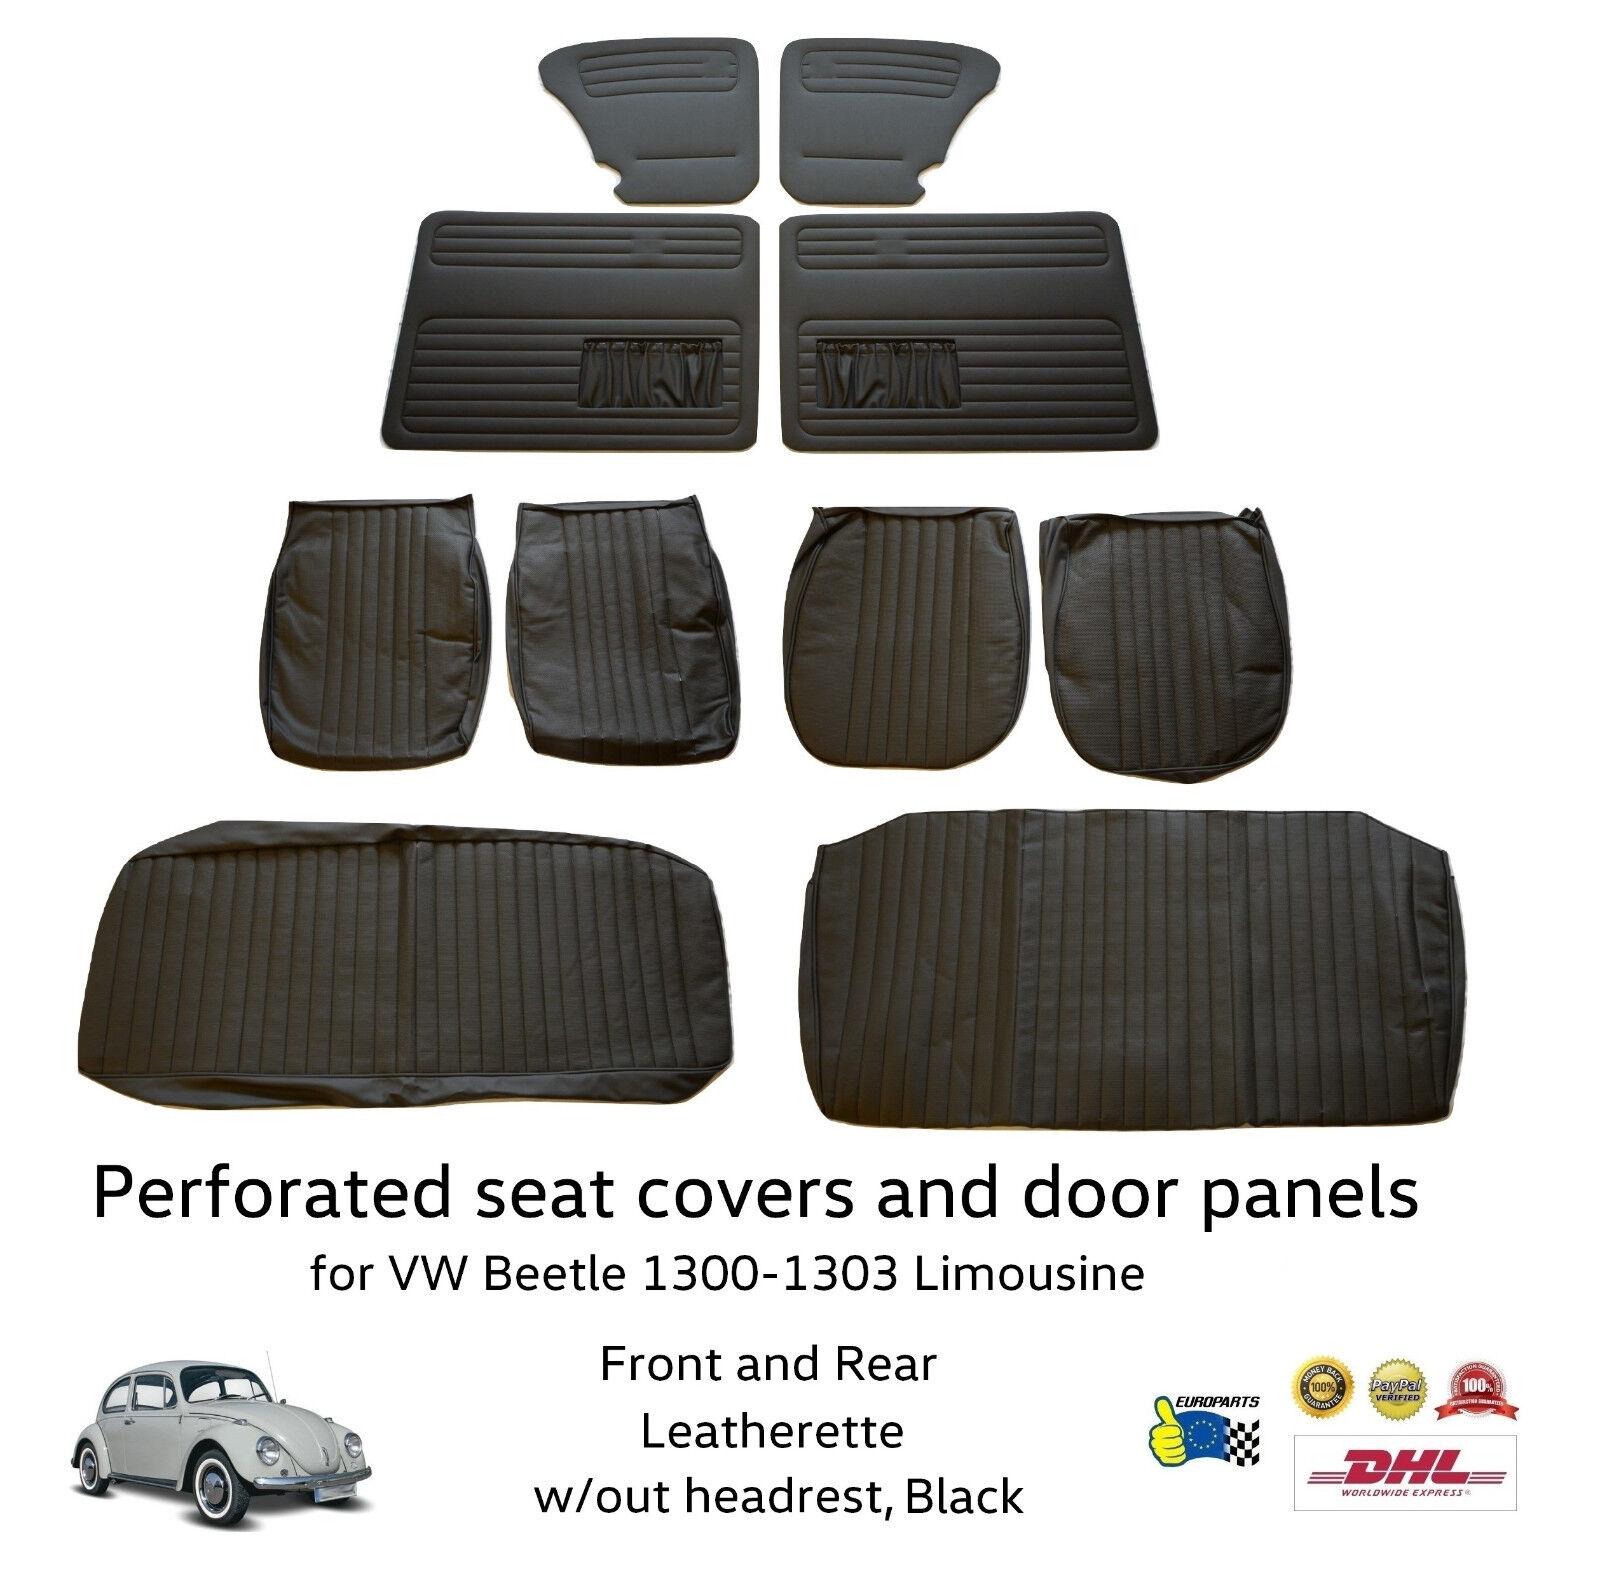 Volkswagen VW Beetle 1300 - 1303 Seat Cover and Door Panel Set 10 pieces Black